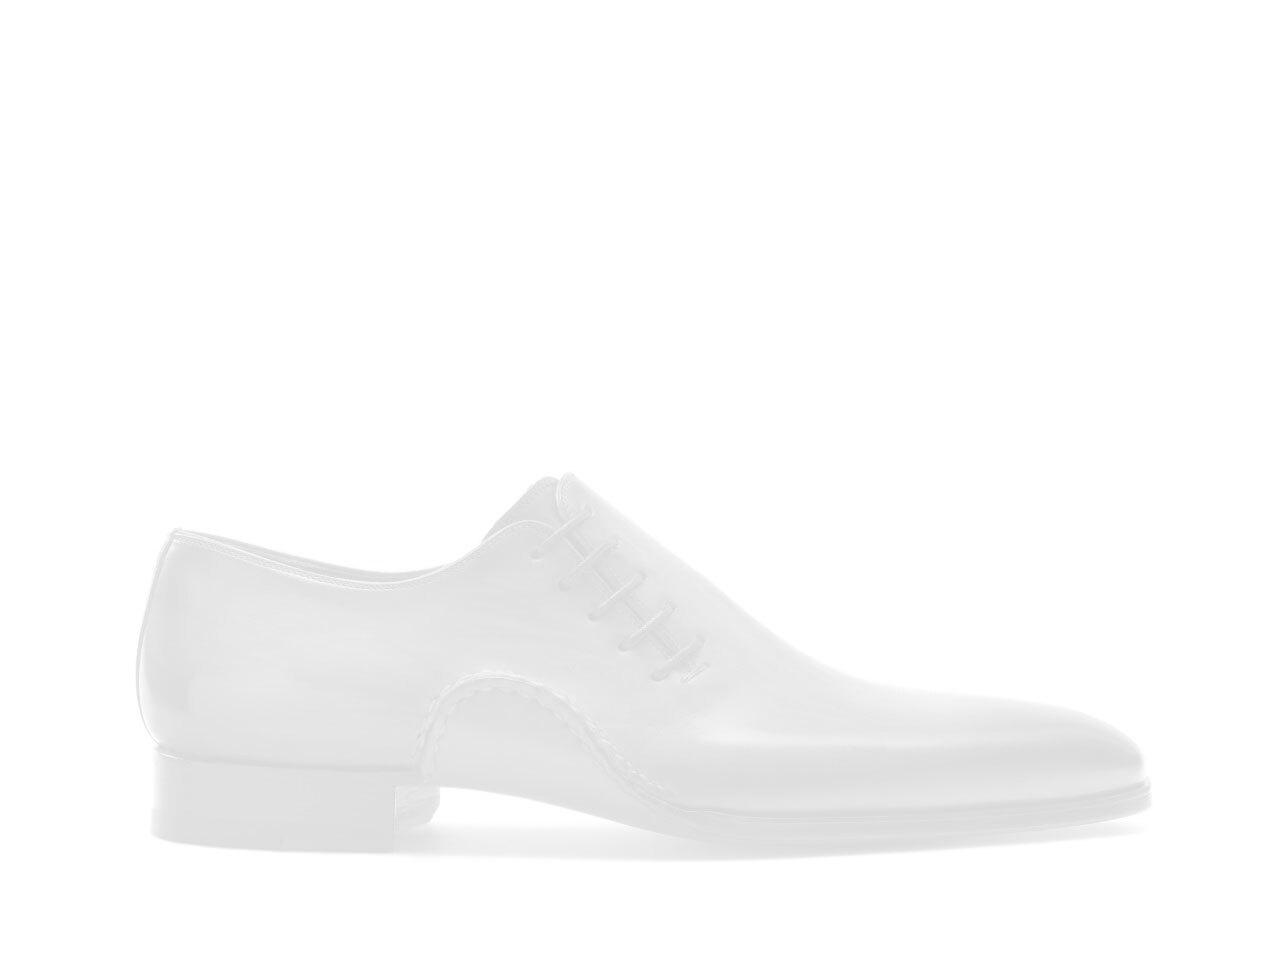 Pair of the Magnanni Dorio Navy Men's Velvet Loafers